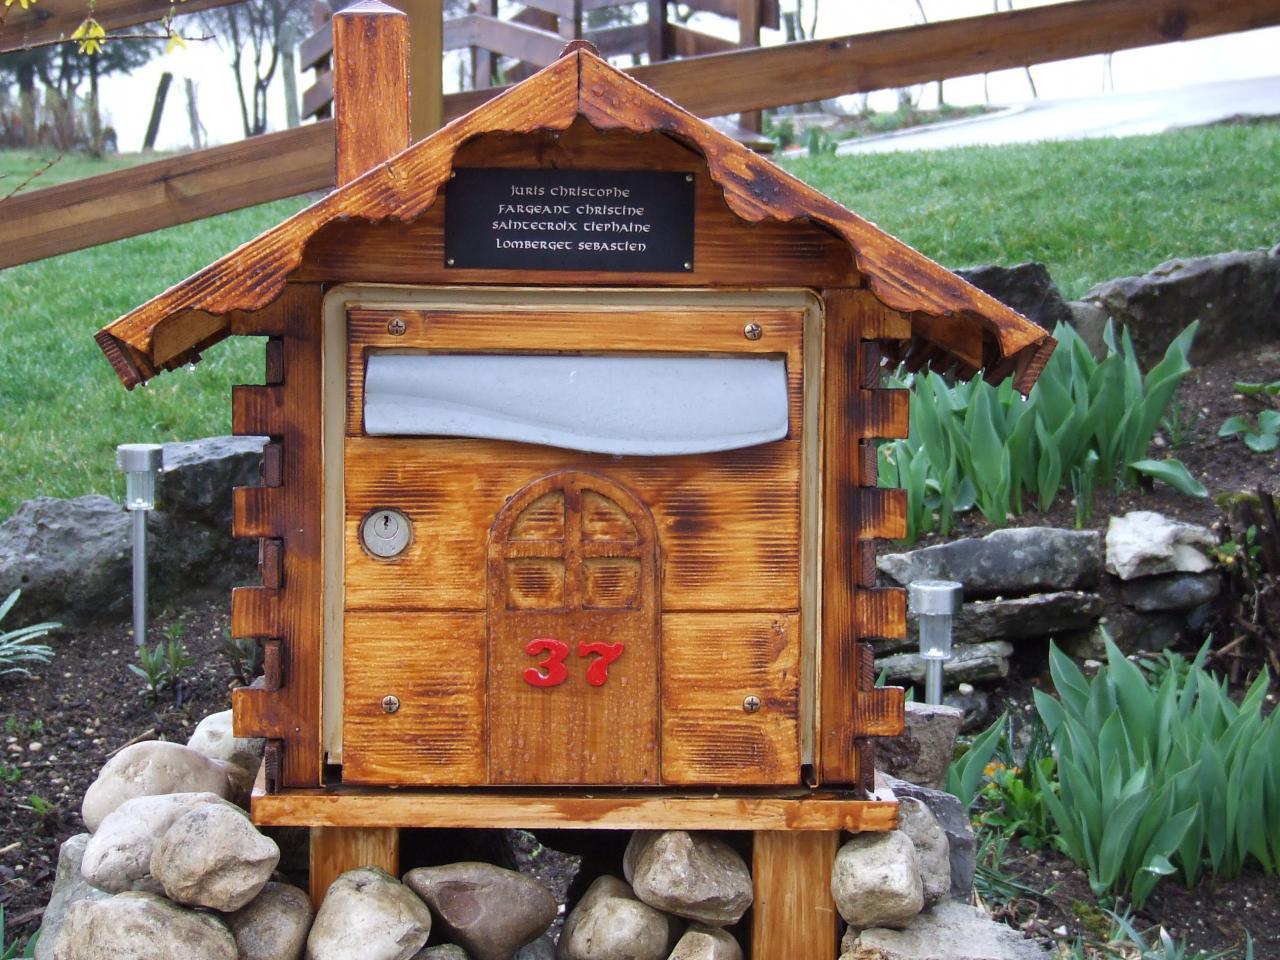 Boite Aux Lettres En Bois Chalet : Boite Aux Lettres en Bois Chalet Boite Aux Lettres Chalets